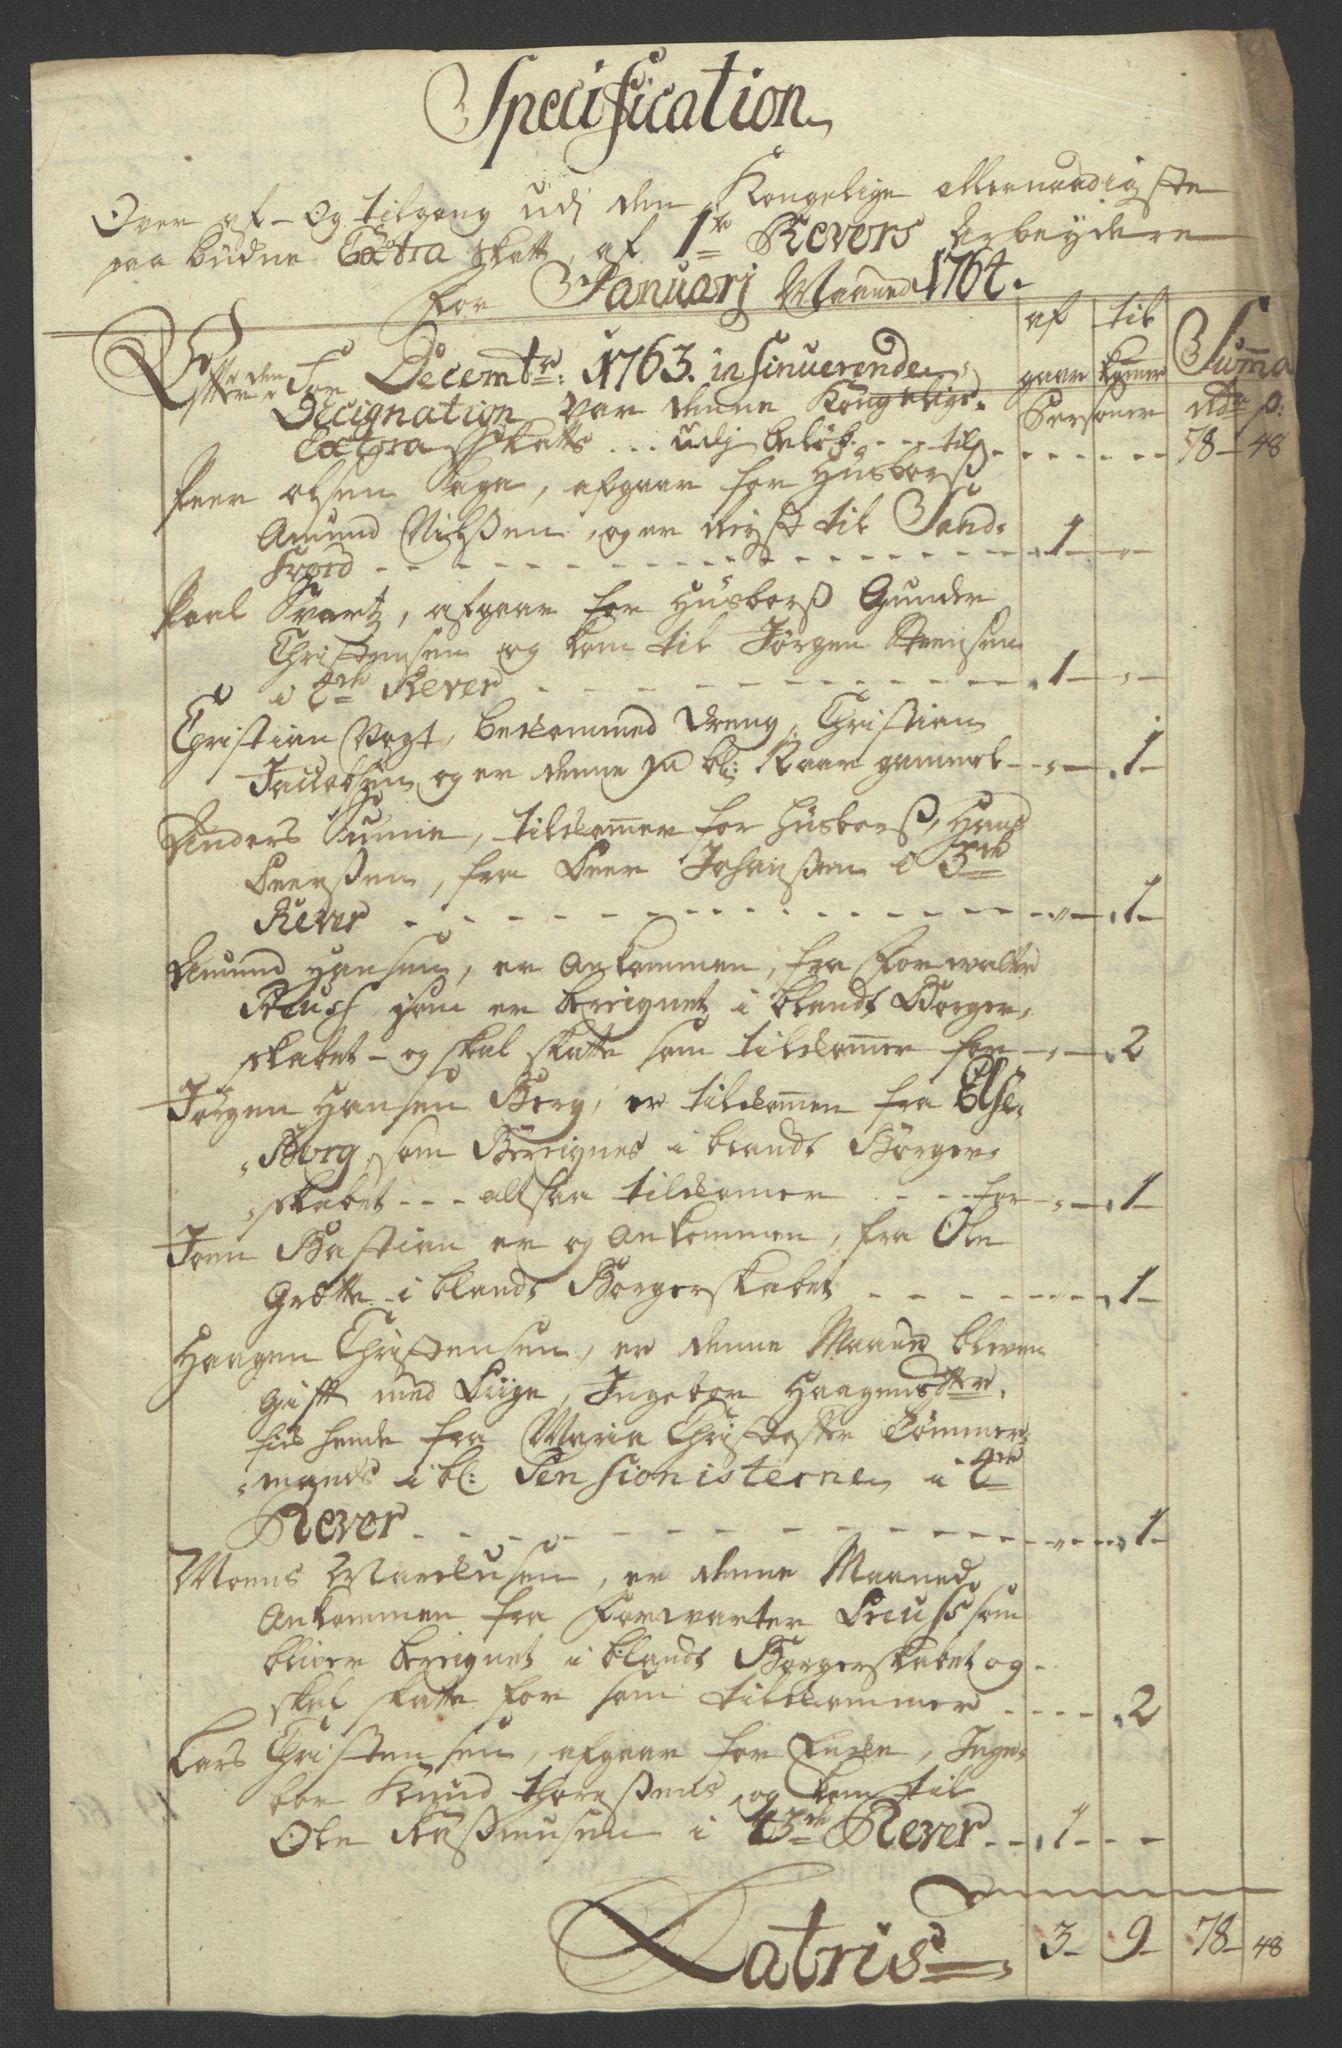 RA, Rentekammeret inntil 1814, Reviderte regnskaper, Bergverksregnskaper, R/Rc/Rca/L0843: Ekstraskatt, 1762-1765, s. 604